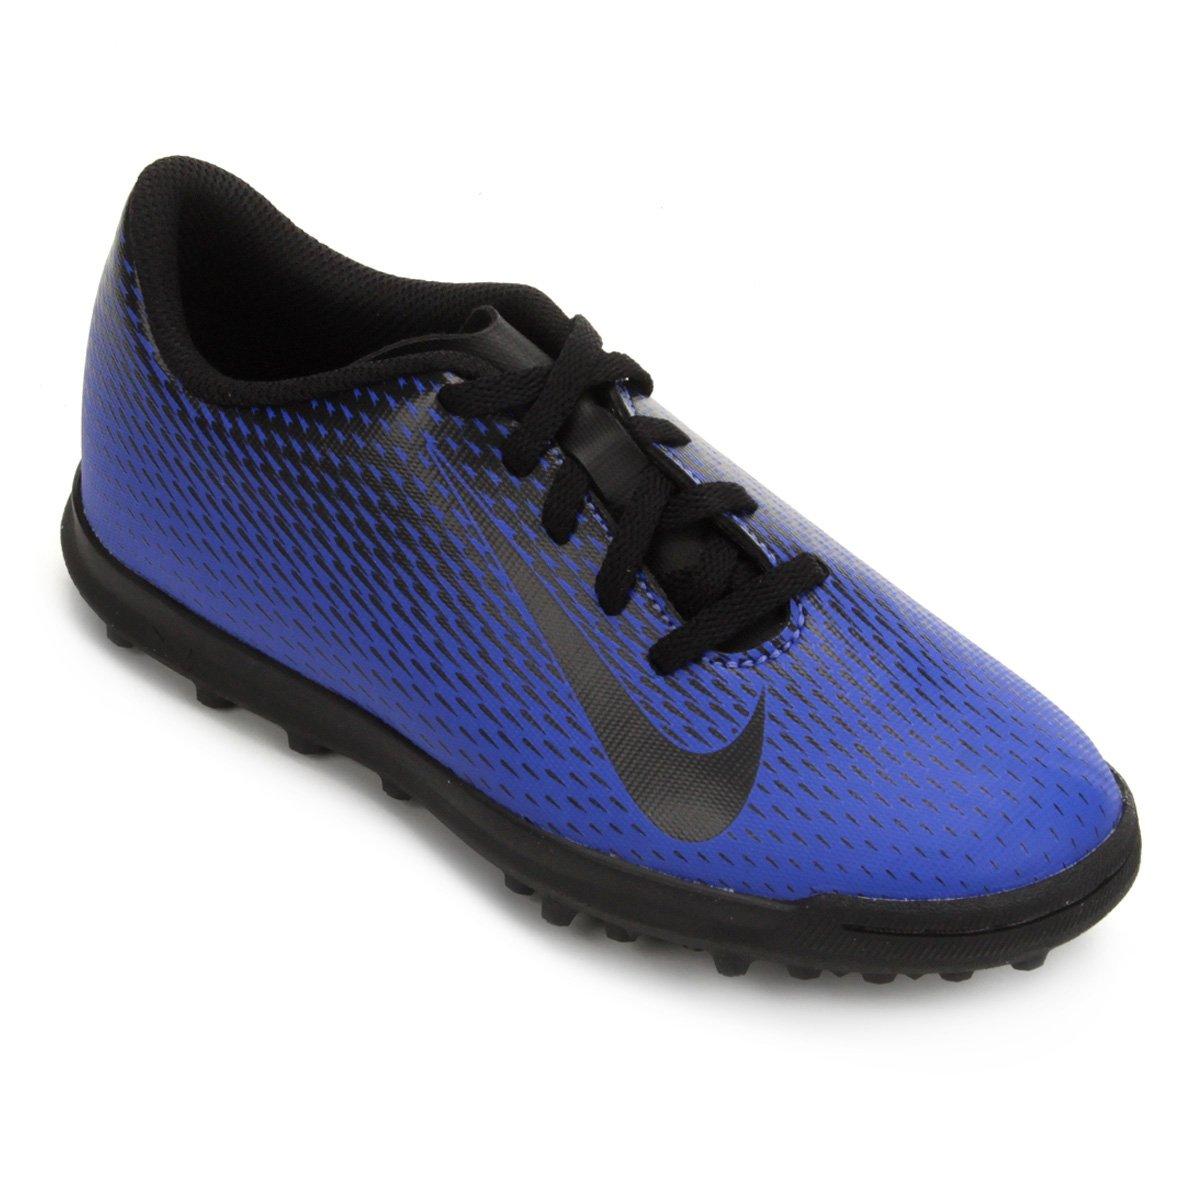 Chuteira Society Infantil Nike Bravata 2 TF - Azul e Preto - Compre ... 32682af442f0e